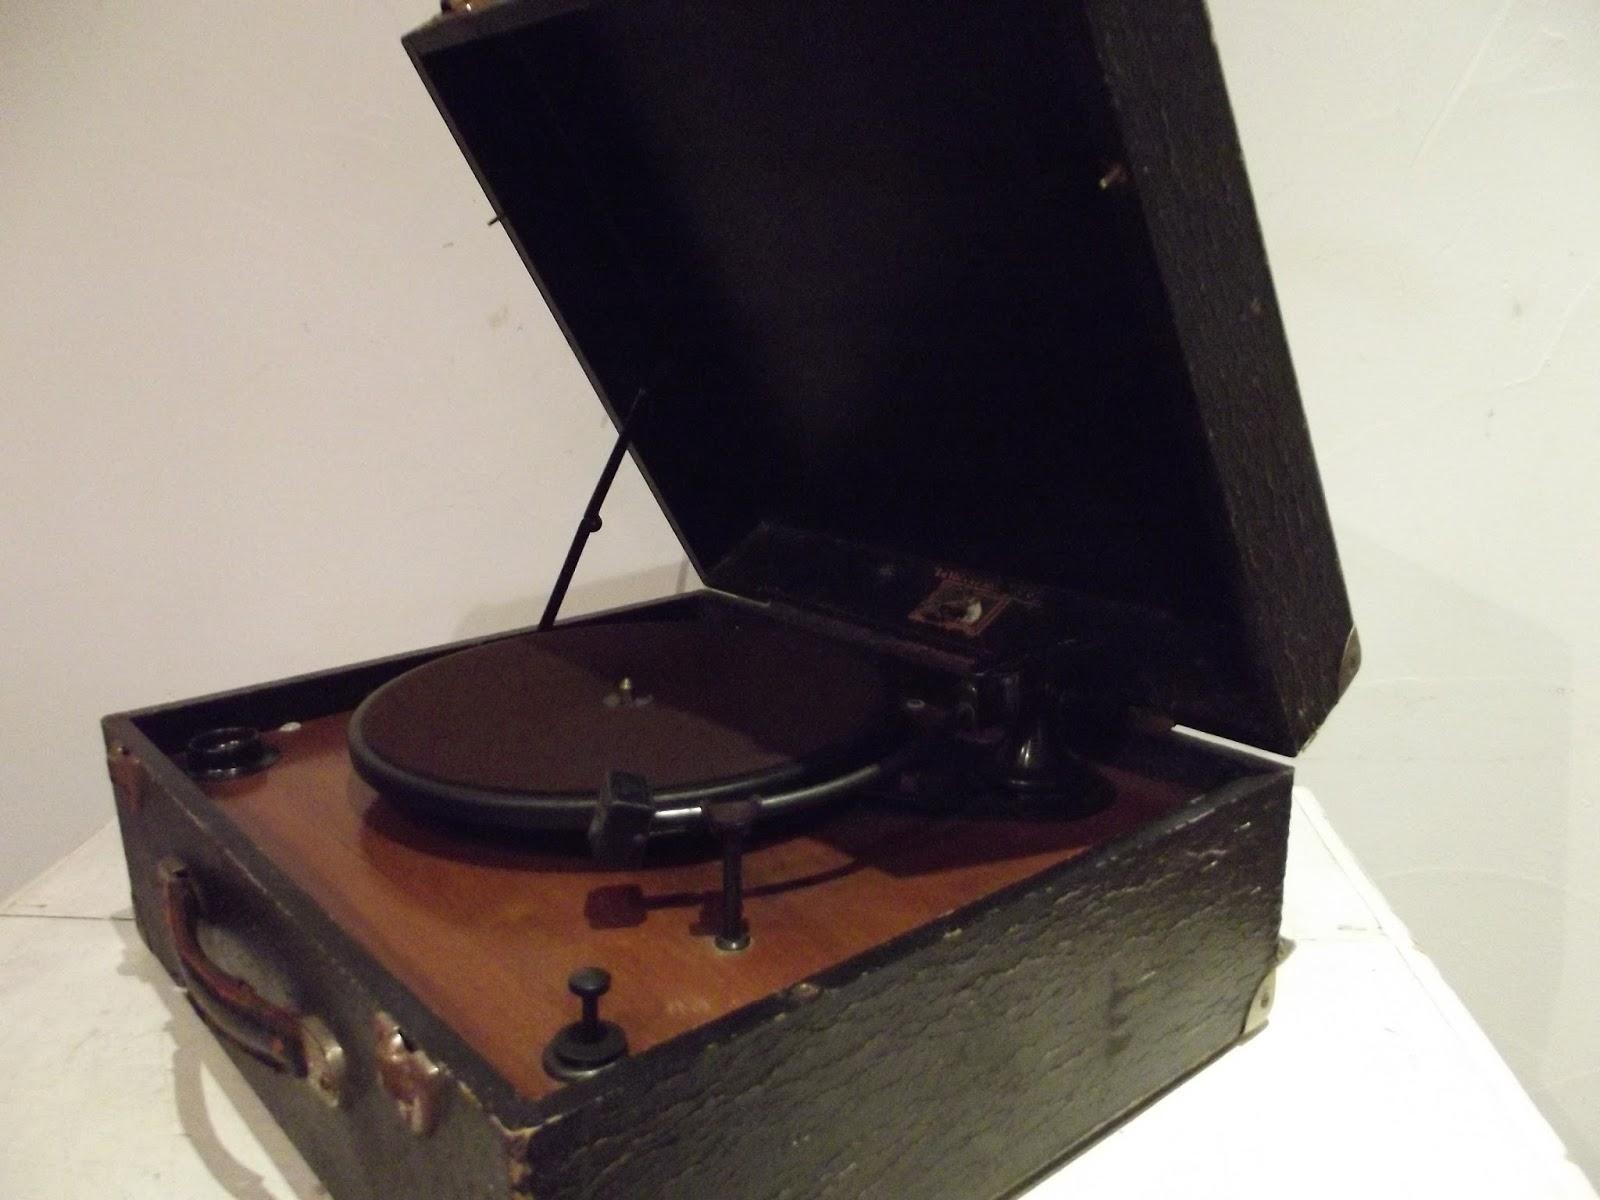 ancien lectrophone tourne disque valise la voix de son ma tre style. Black Bedroom Furniture Sets. Home Design Ideas